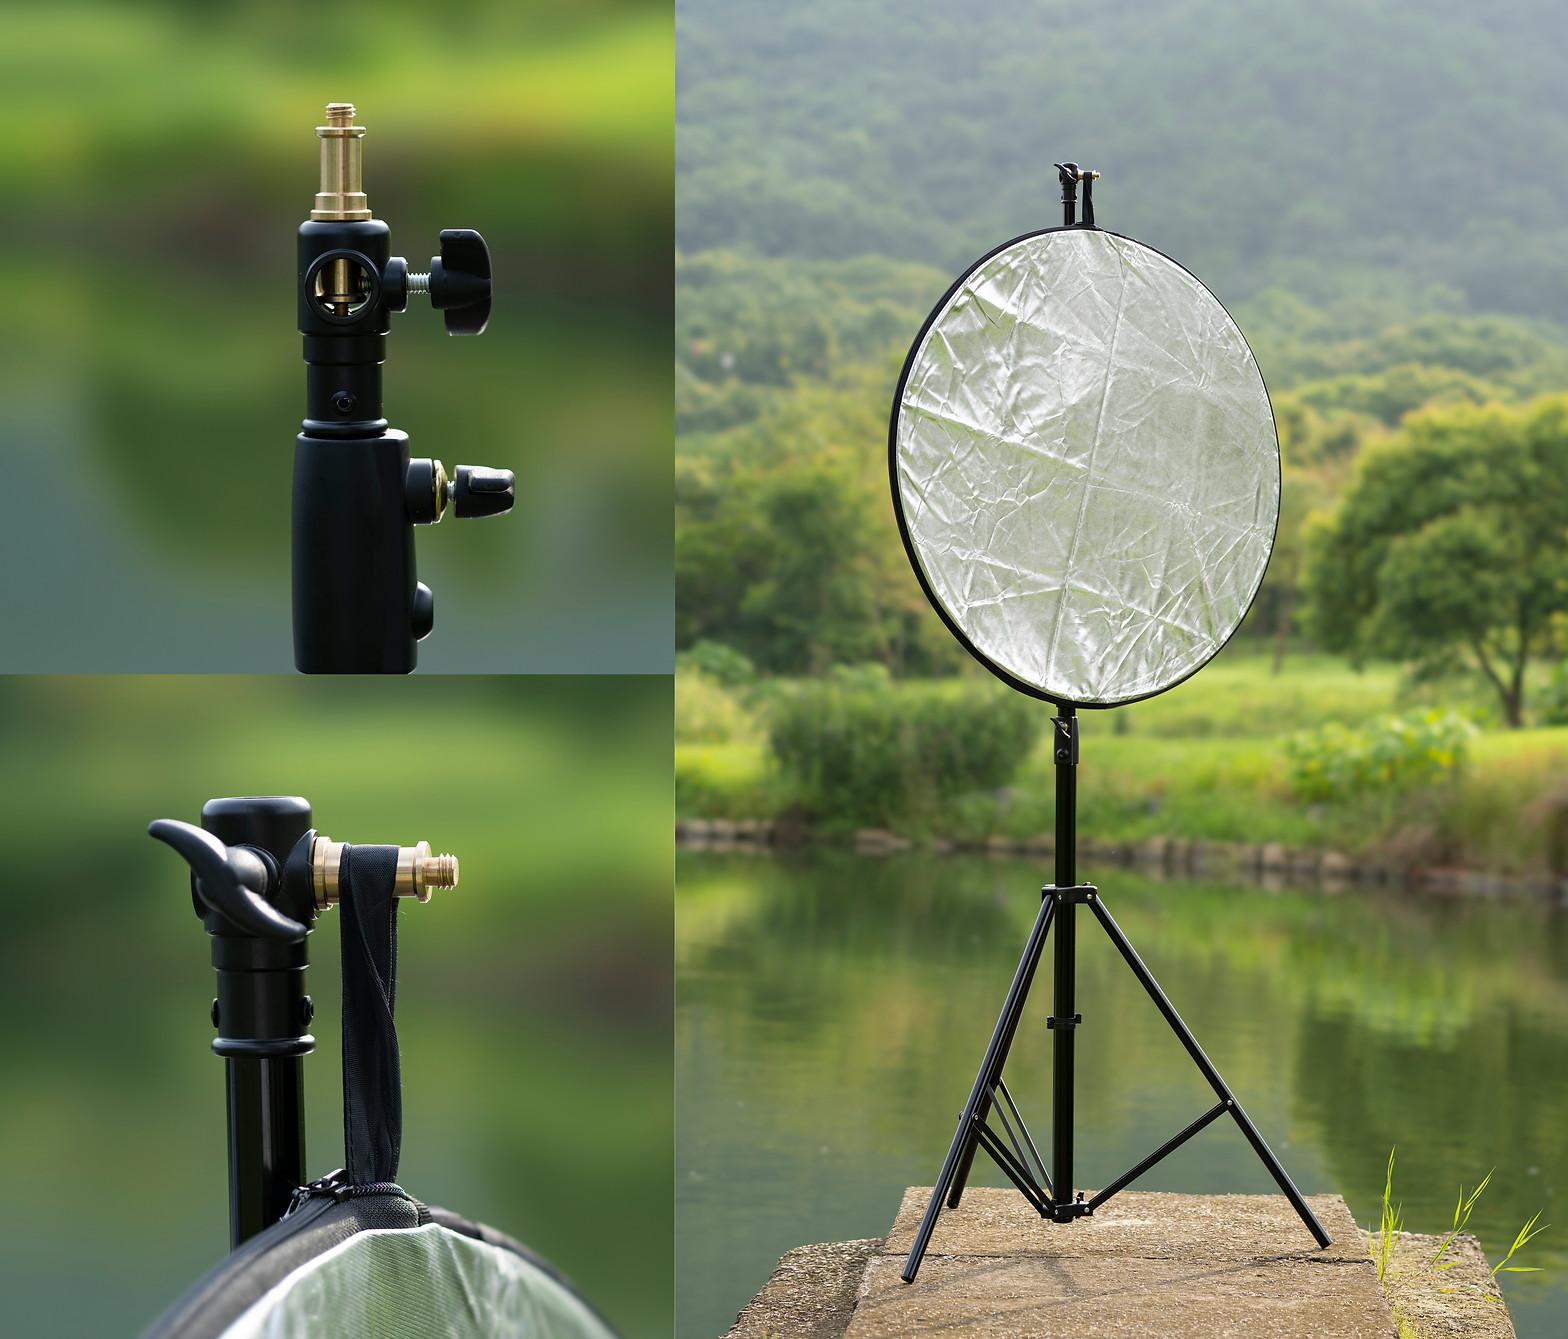 blitzstativ licht stativ lampe stativ beleuchtungsstativ blitzständer on location